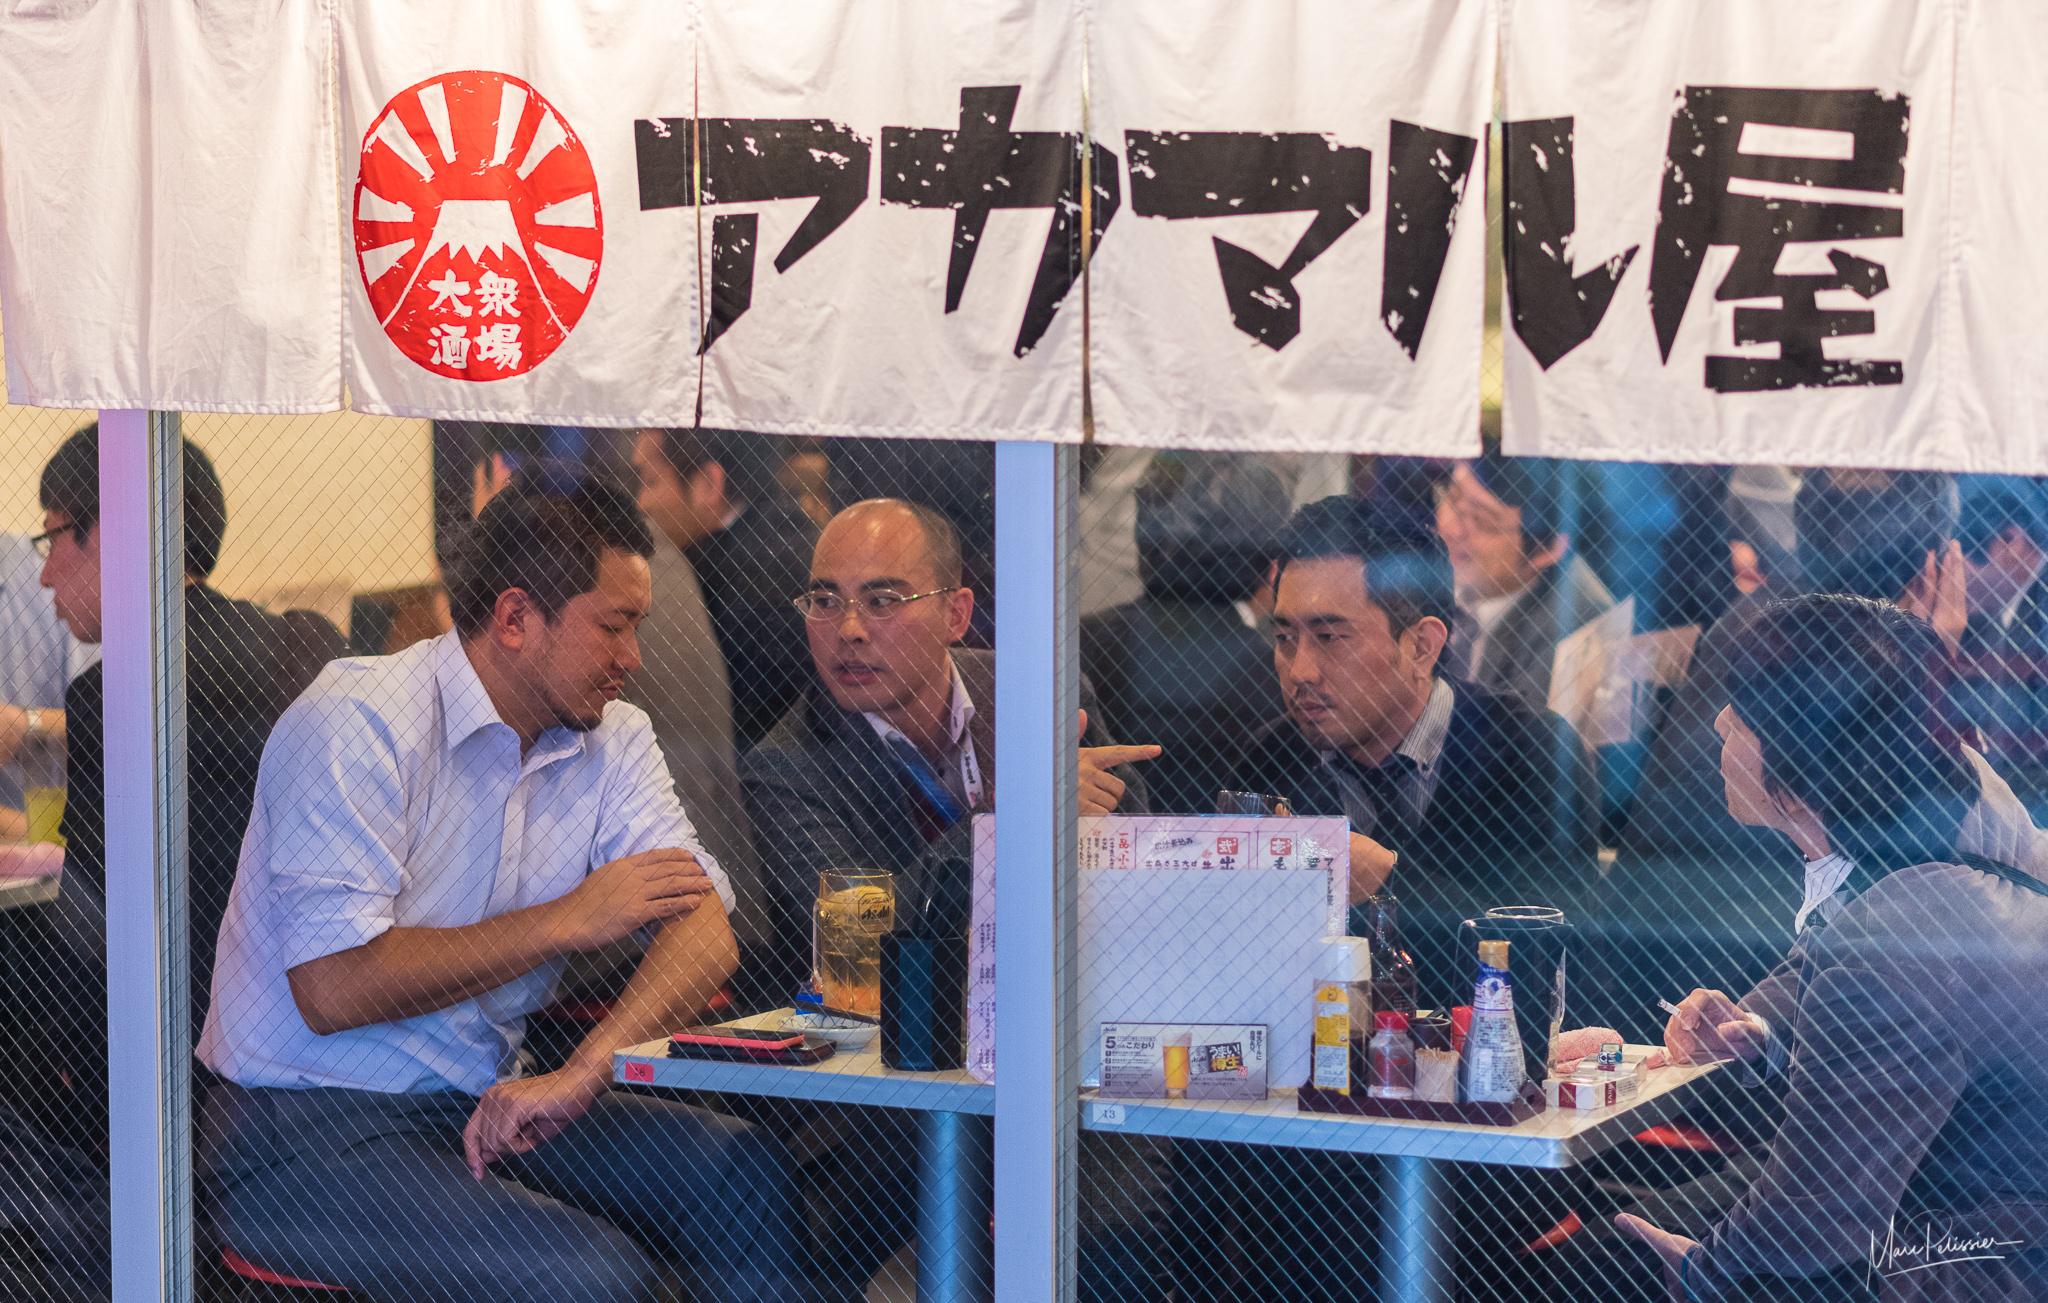 Shinjoku bar, Japan